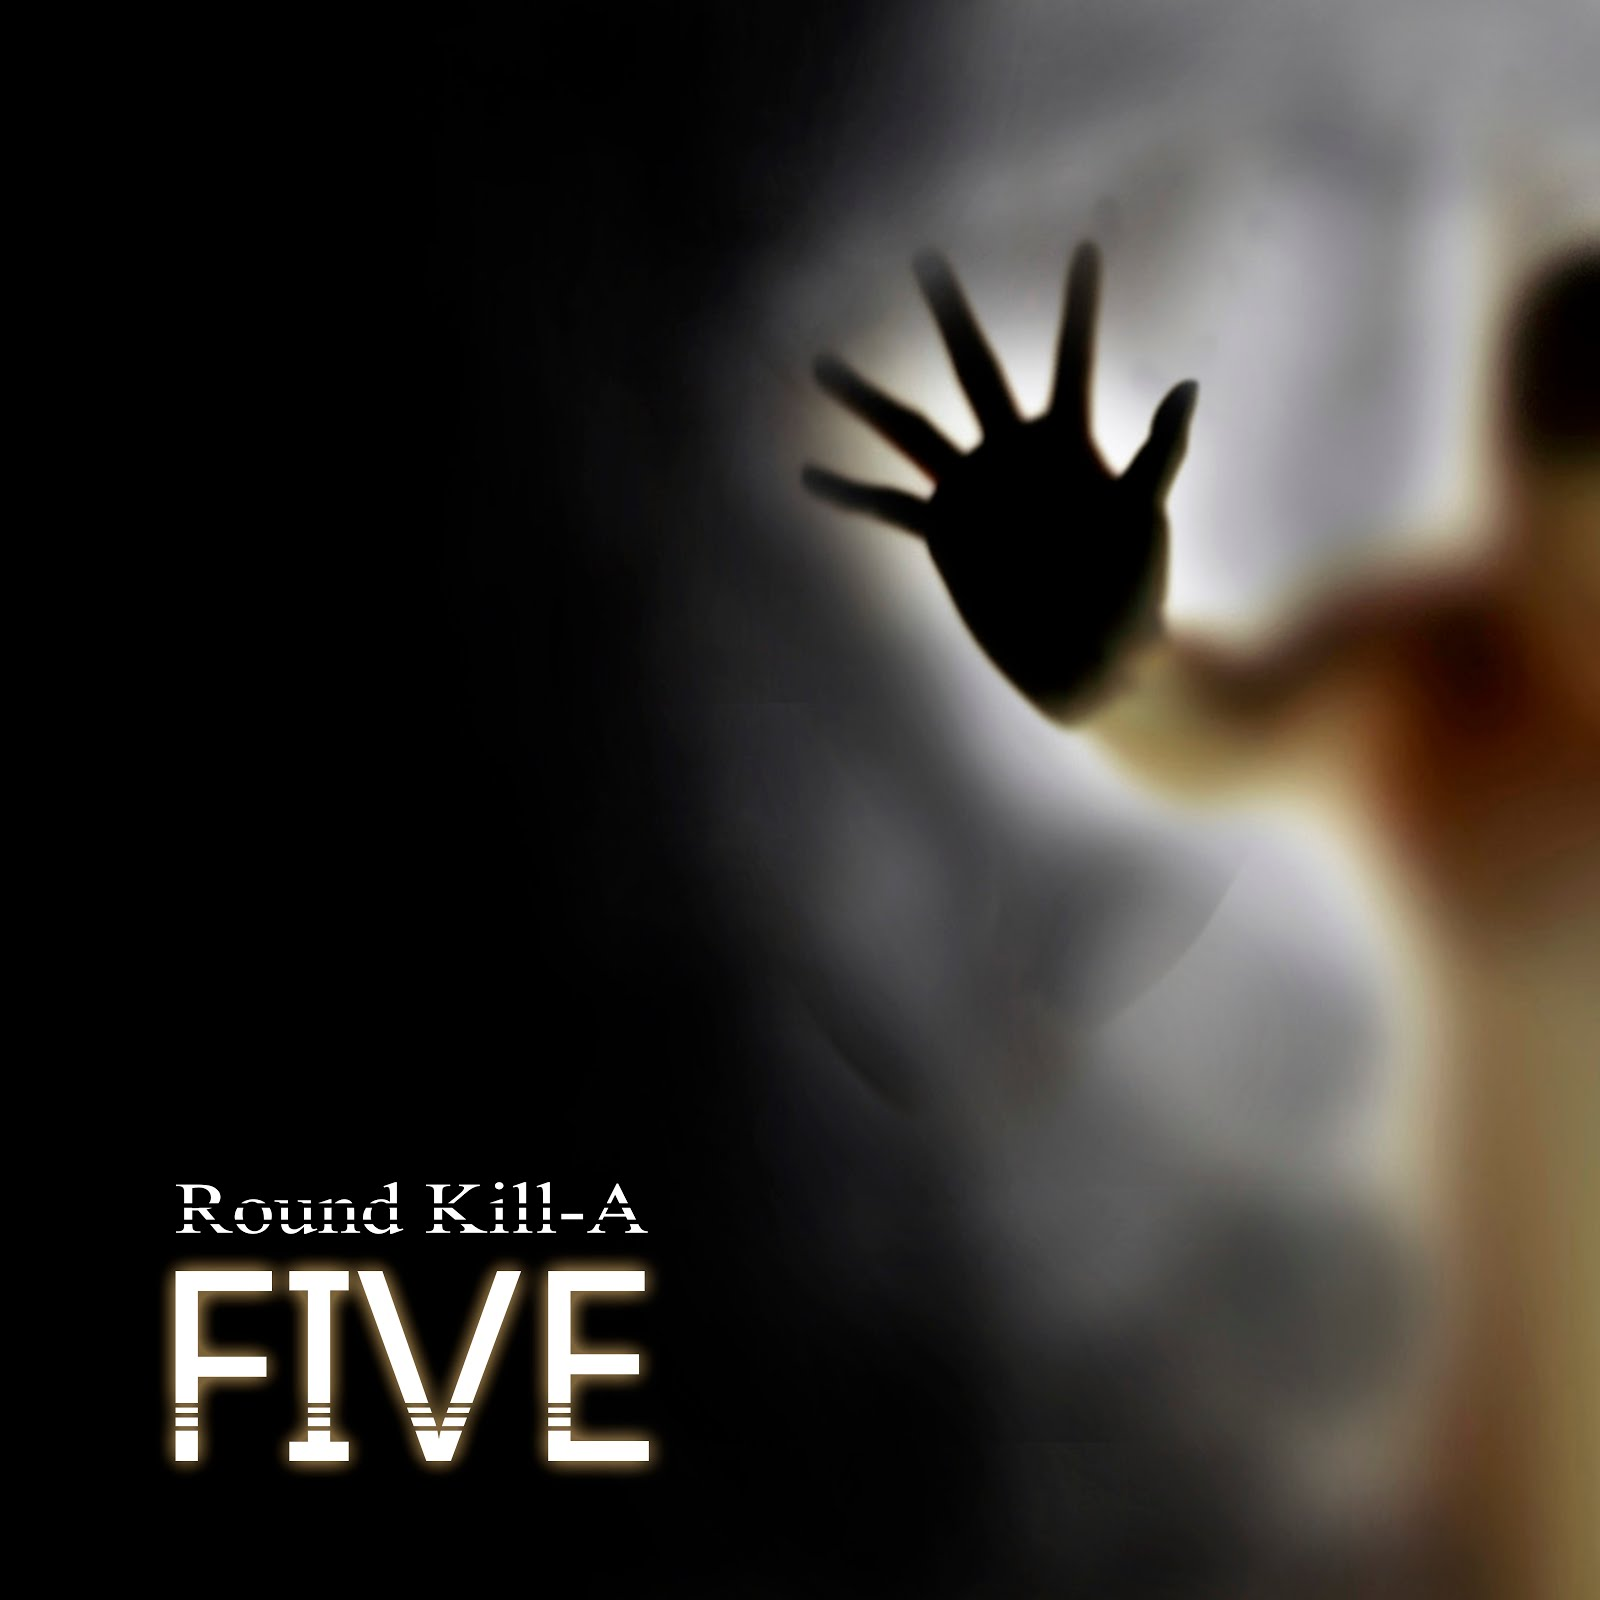 Round Kill-A - FIVE